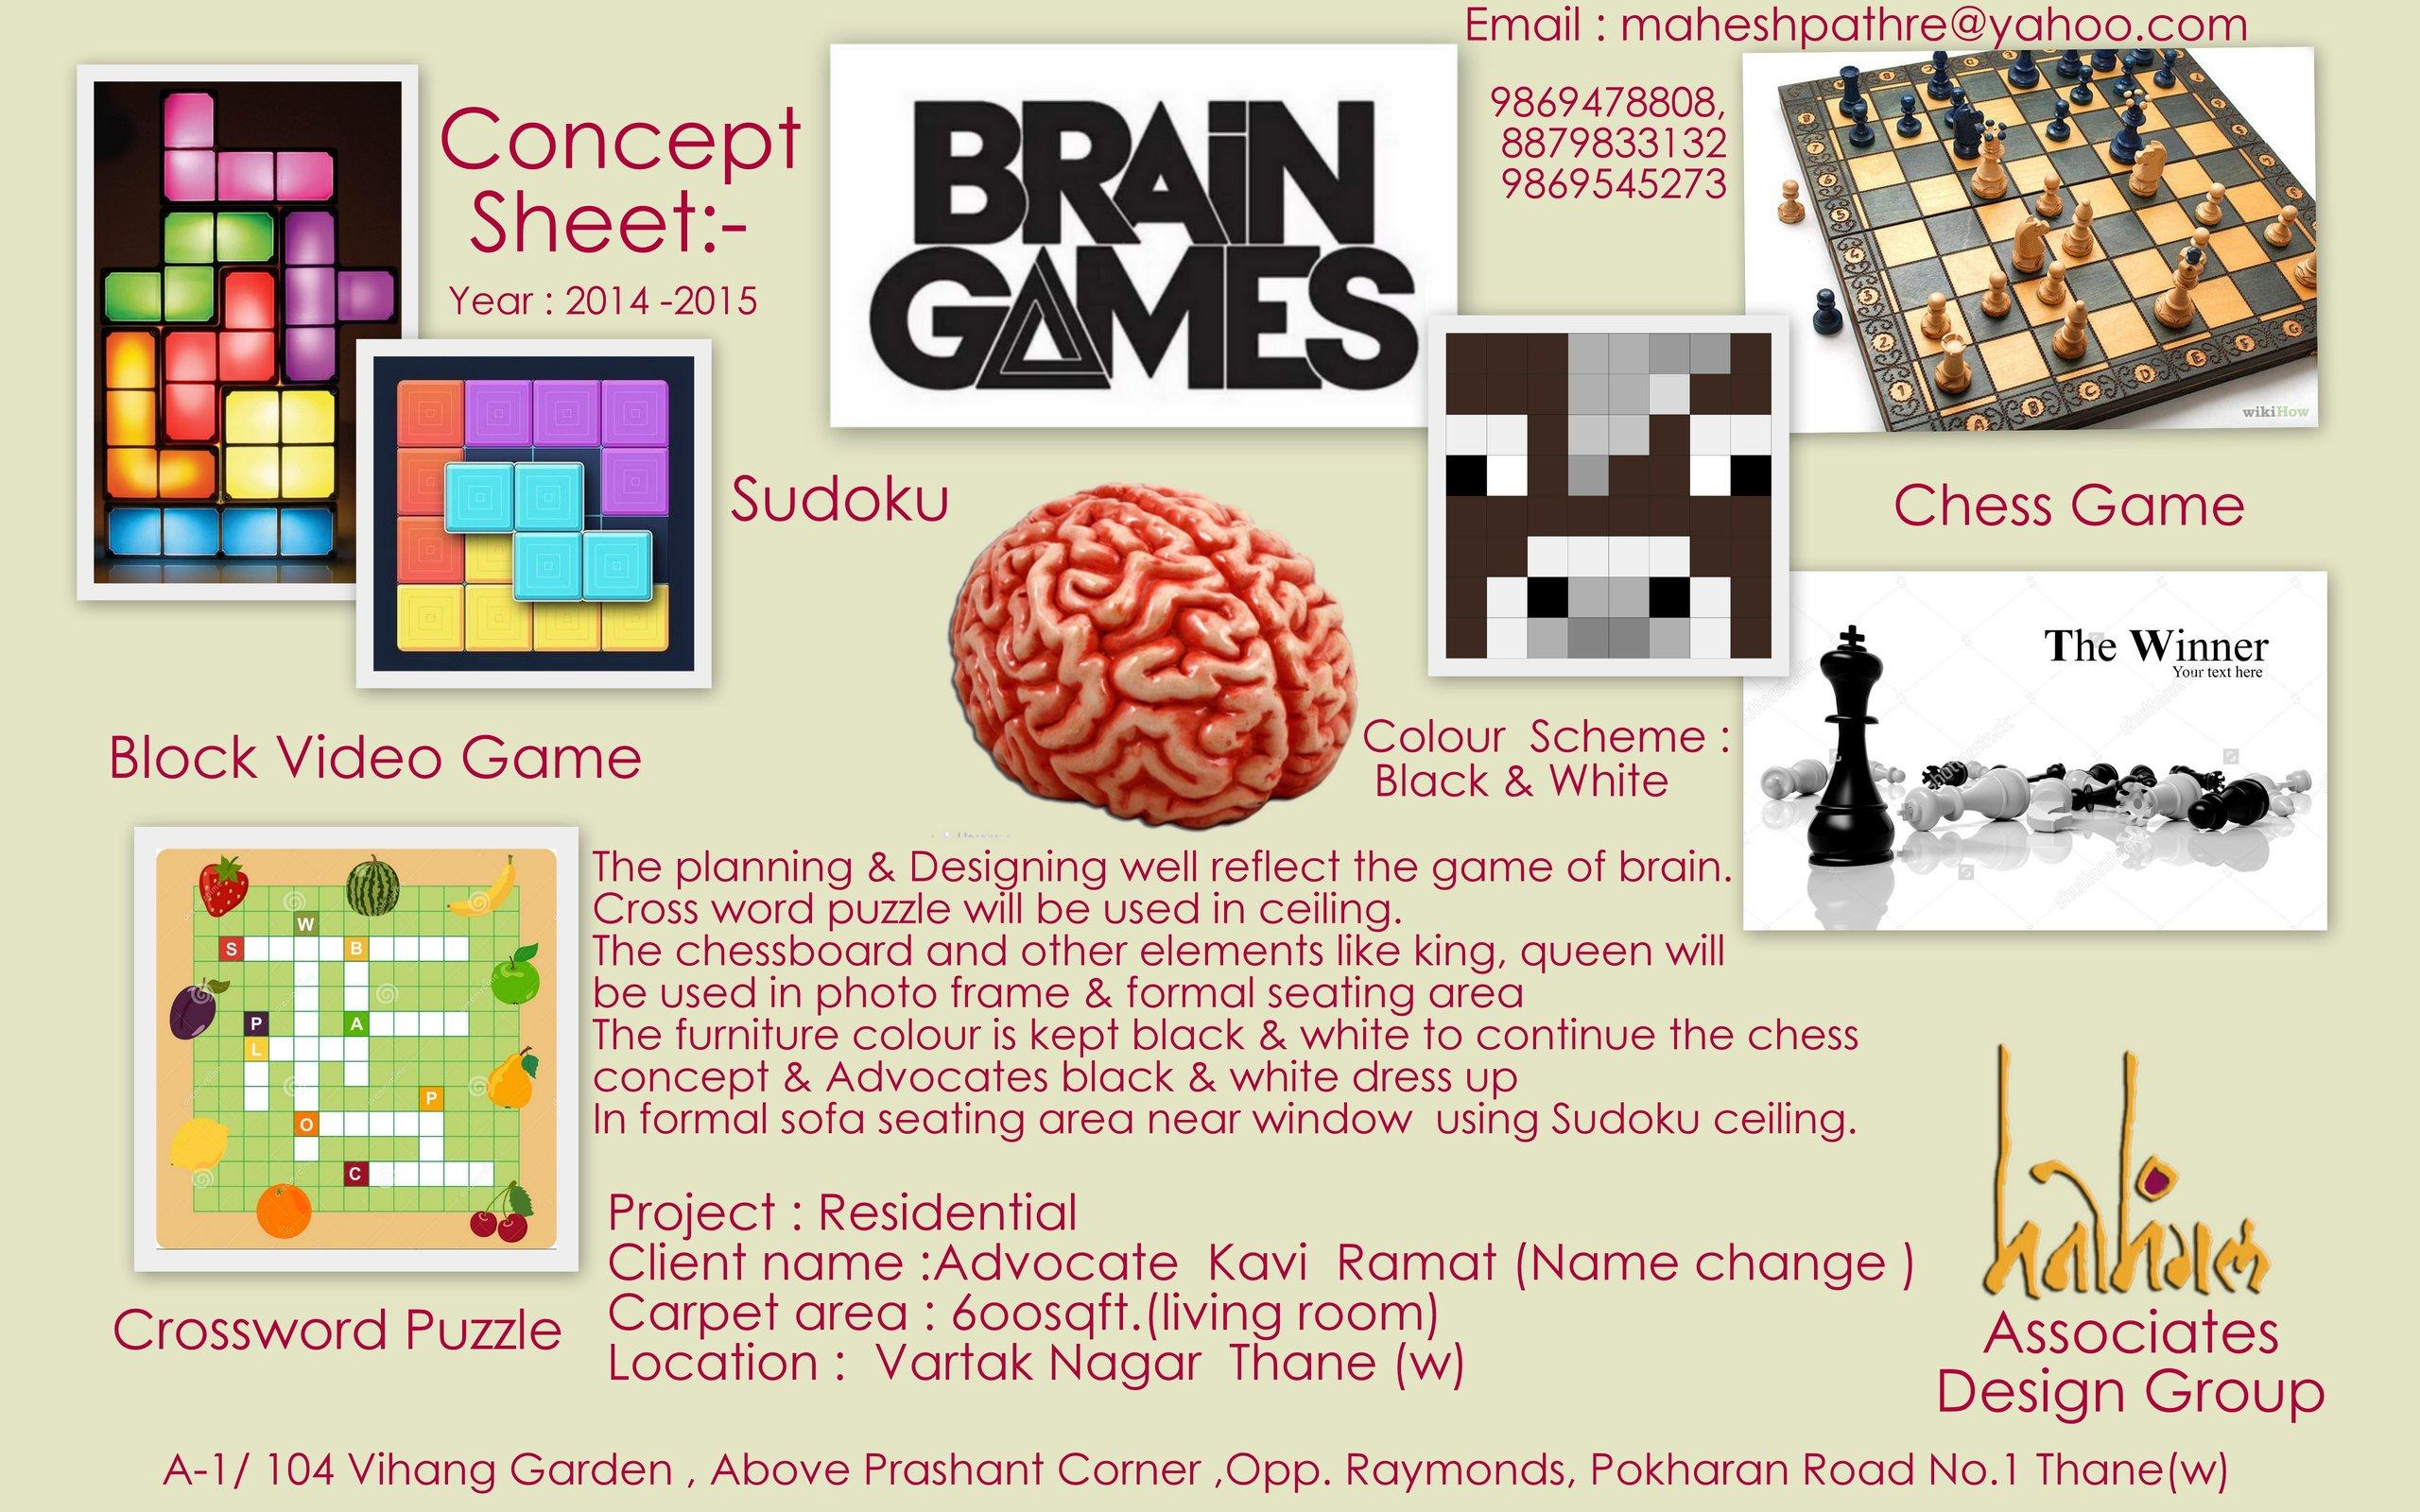 brain_game 2.jpg